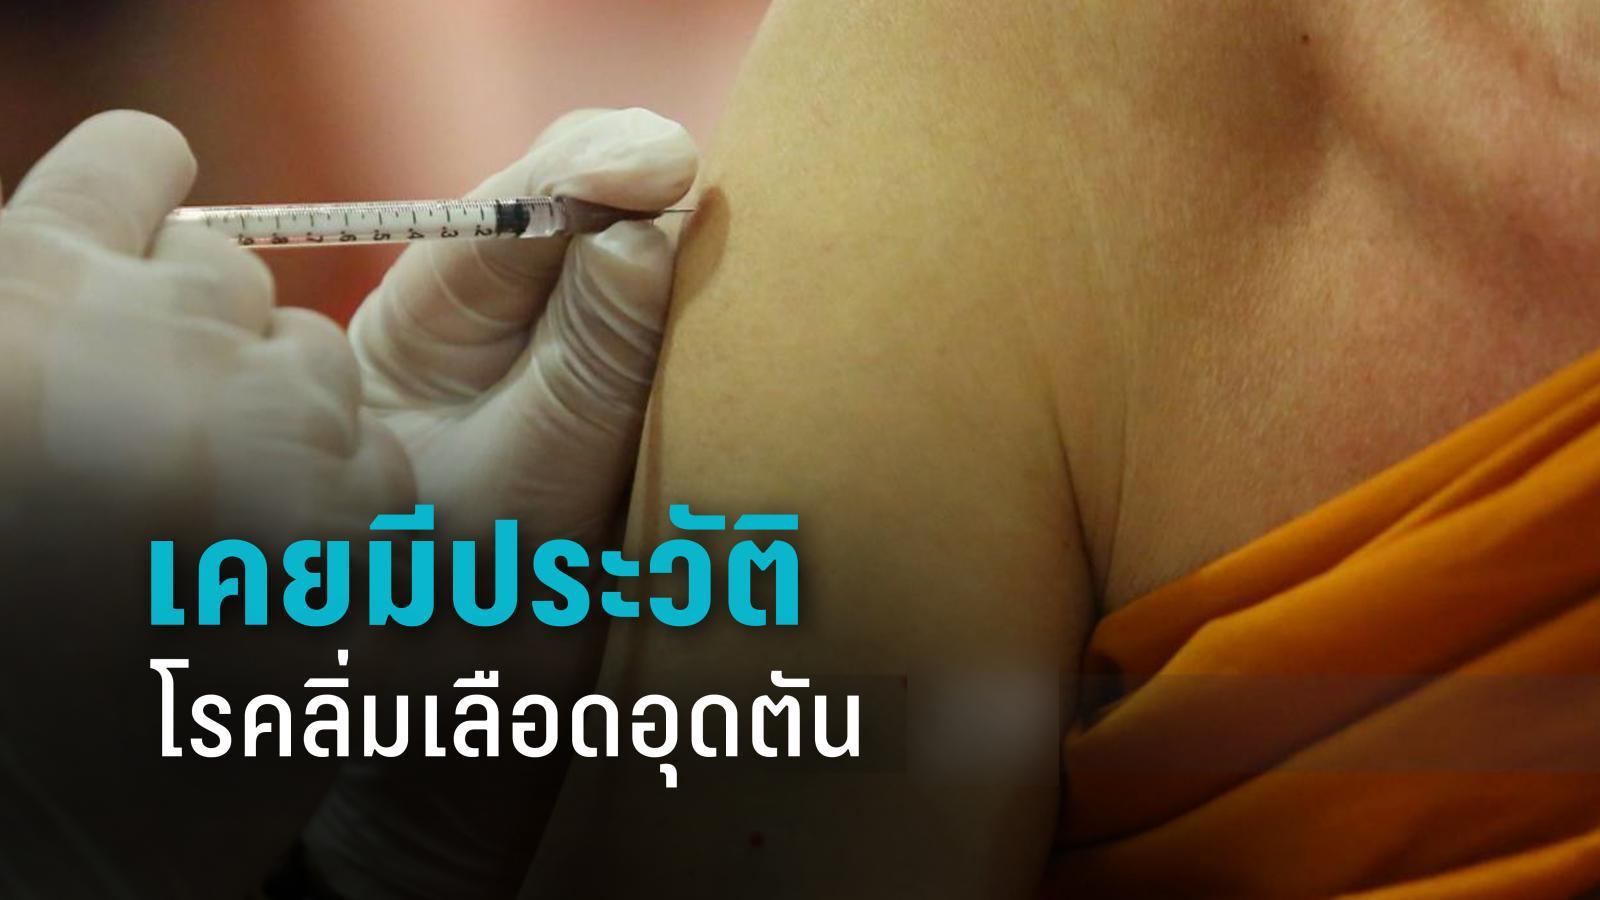 เข้ารพ.อีก 3 รูป พระวัดสัมพันธวงศ์ผิดปกติ หลังรับวัคซีนโควิด หวั่นซ้ำรอย 'ผู้ช่วยเจ้าอาวาส' มรณภาพ